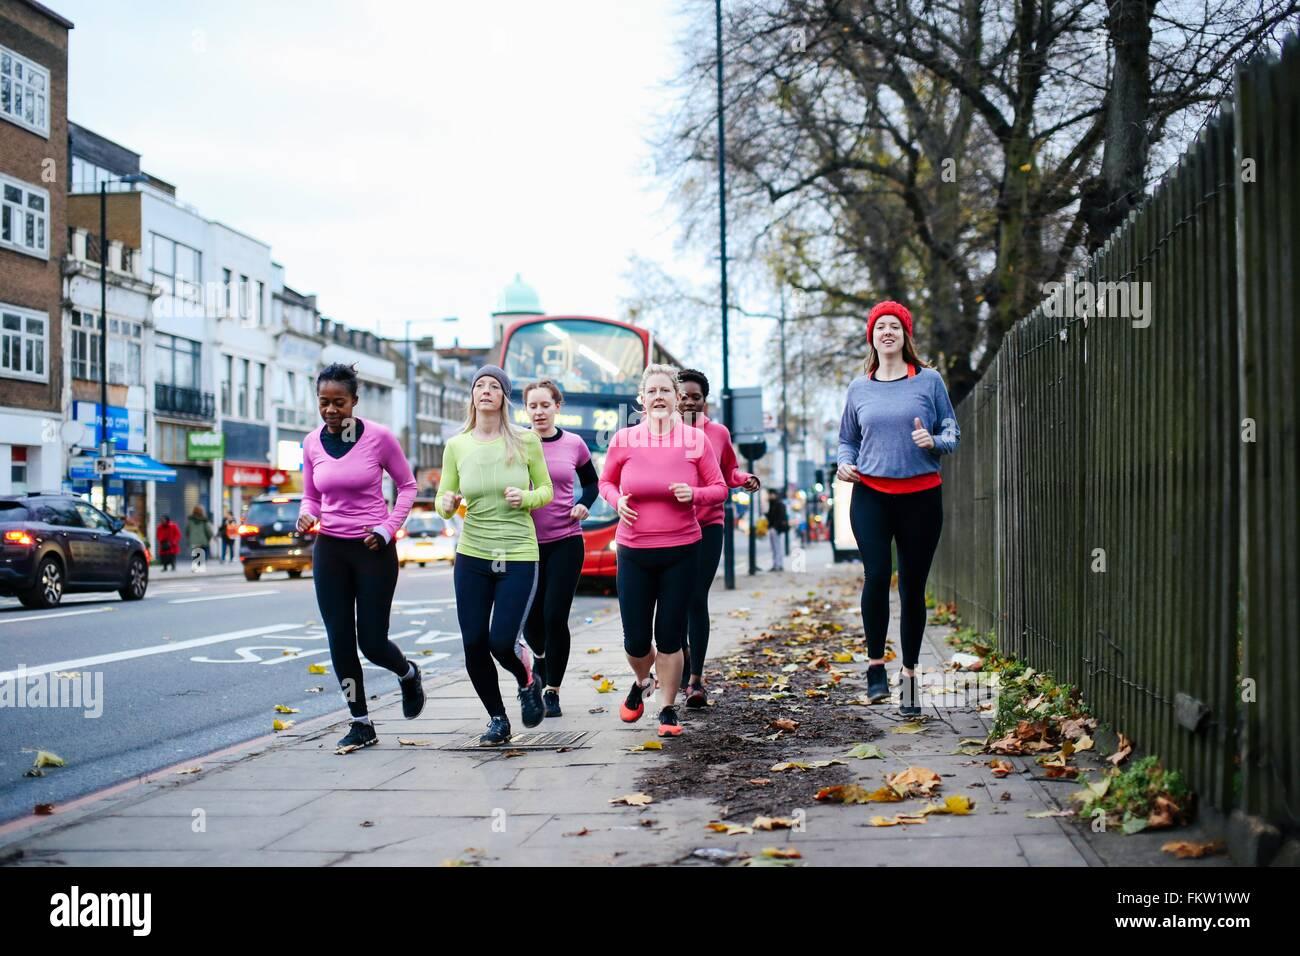 Fünf Läuferinnen laufen auf Stadt Bürgersteig Stockbild